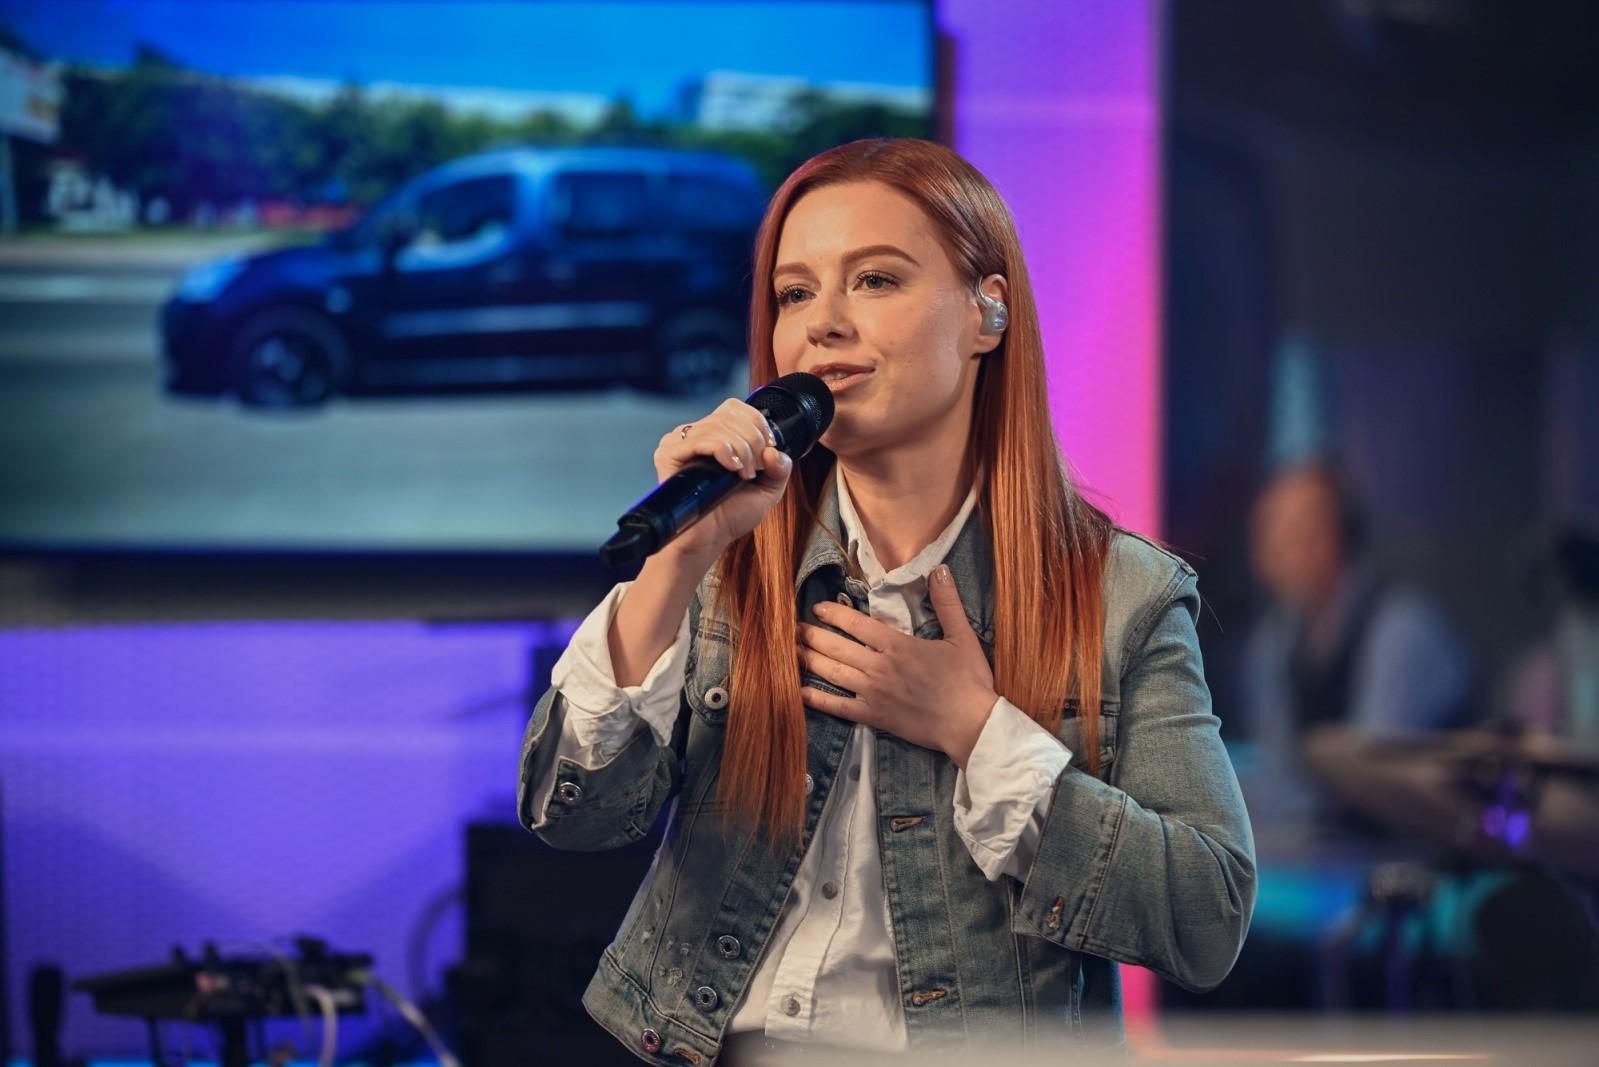 «Я редко, когда вообще что-то получаю»: Юлия Савичева рассказала о неожиданной награде Fashion People Awards 2021